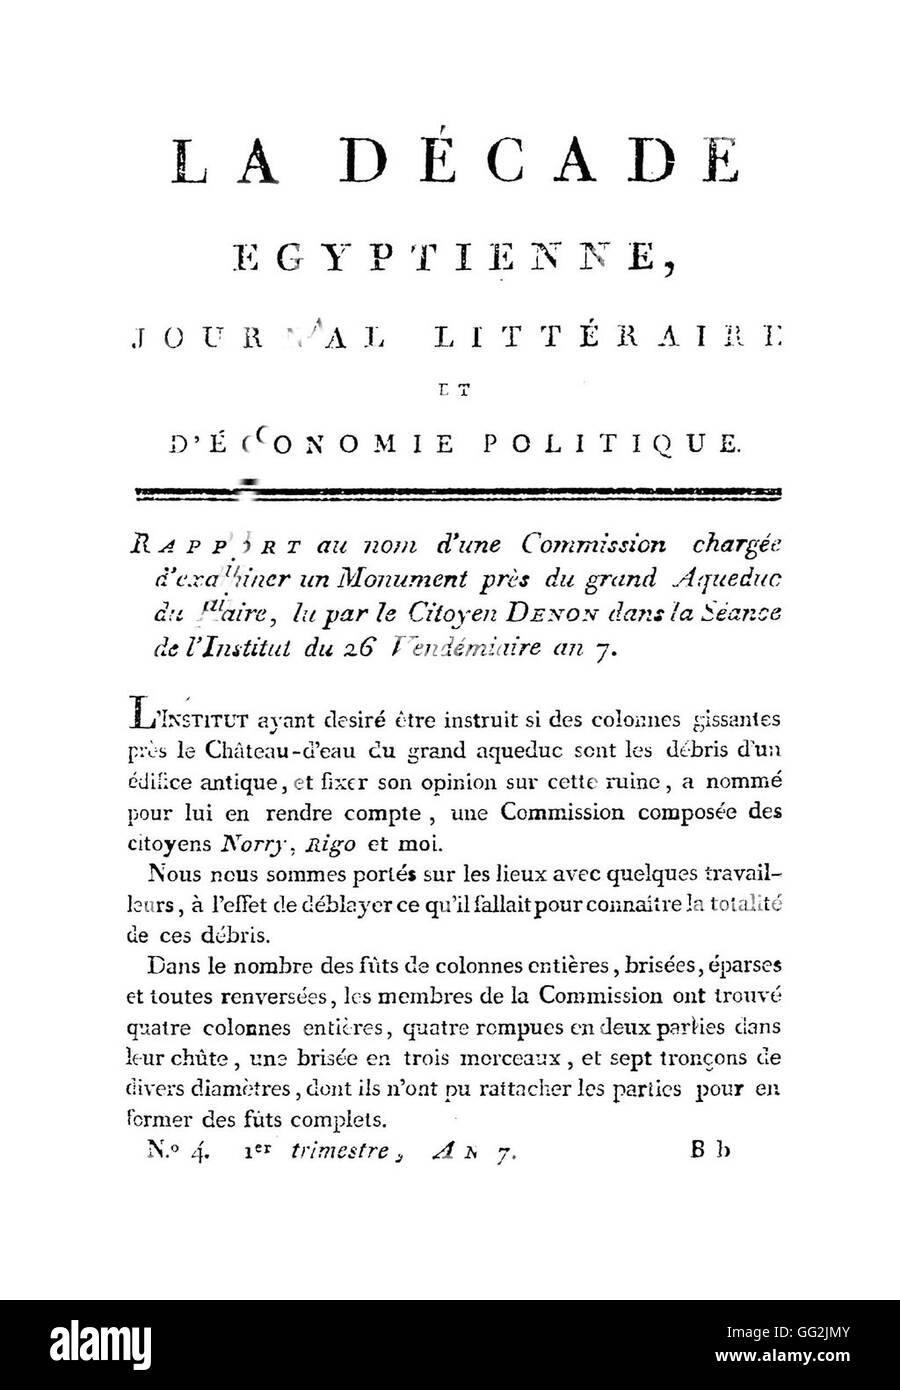 La Décade Egyptienne. Literarische Zeitschrift über Wirtschaftspolitik. N ° 4.  Le Caire, Imprimerie Stockbild